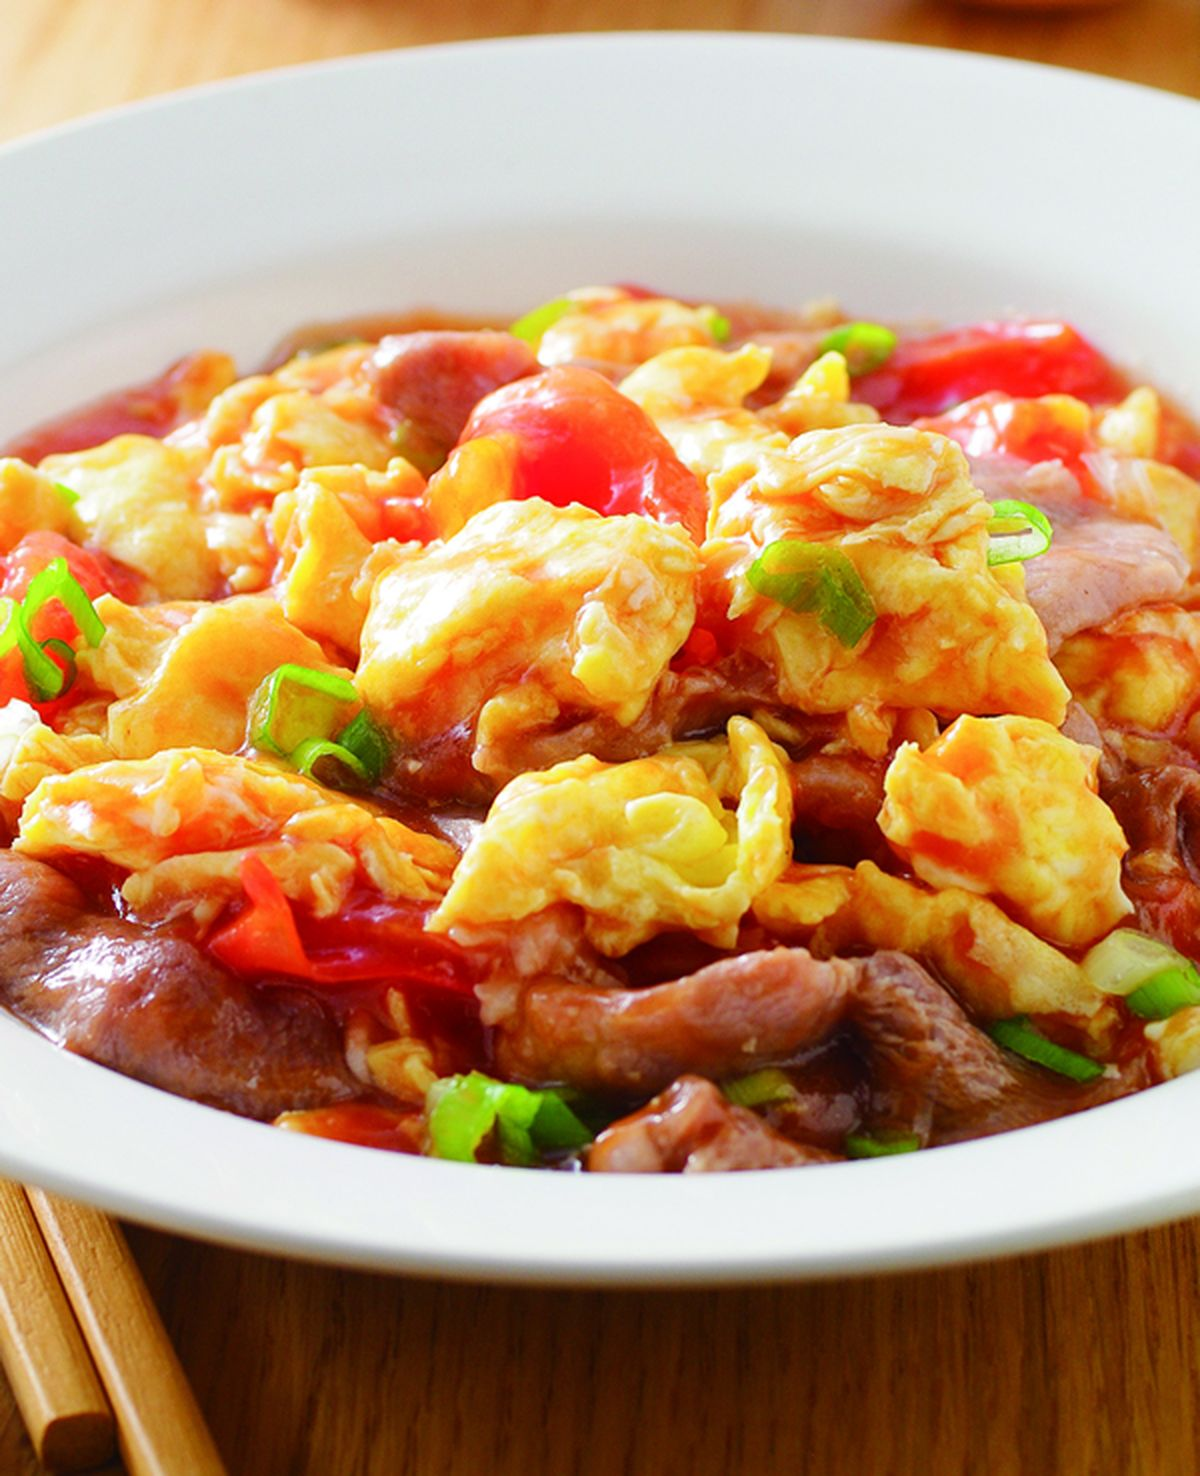 食譜:蕃茄肉片炒蛋